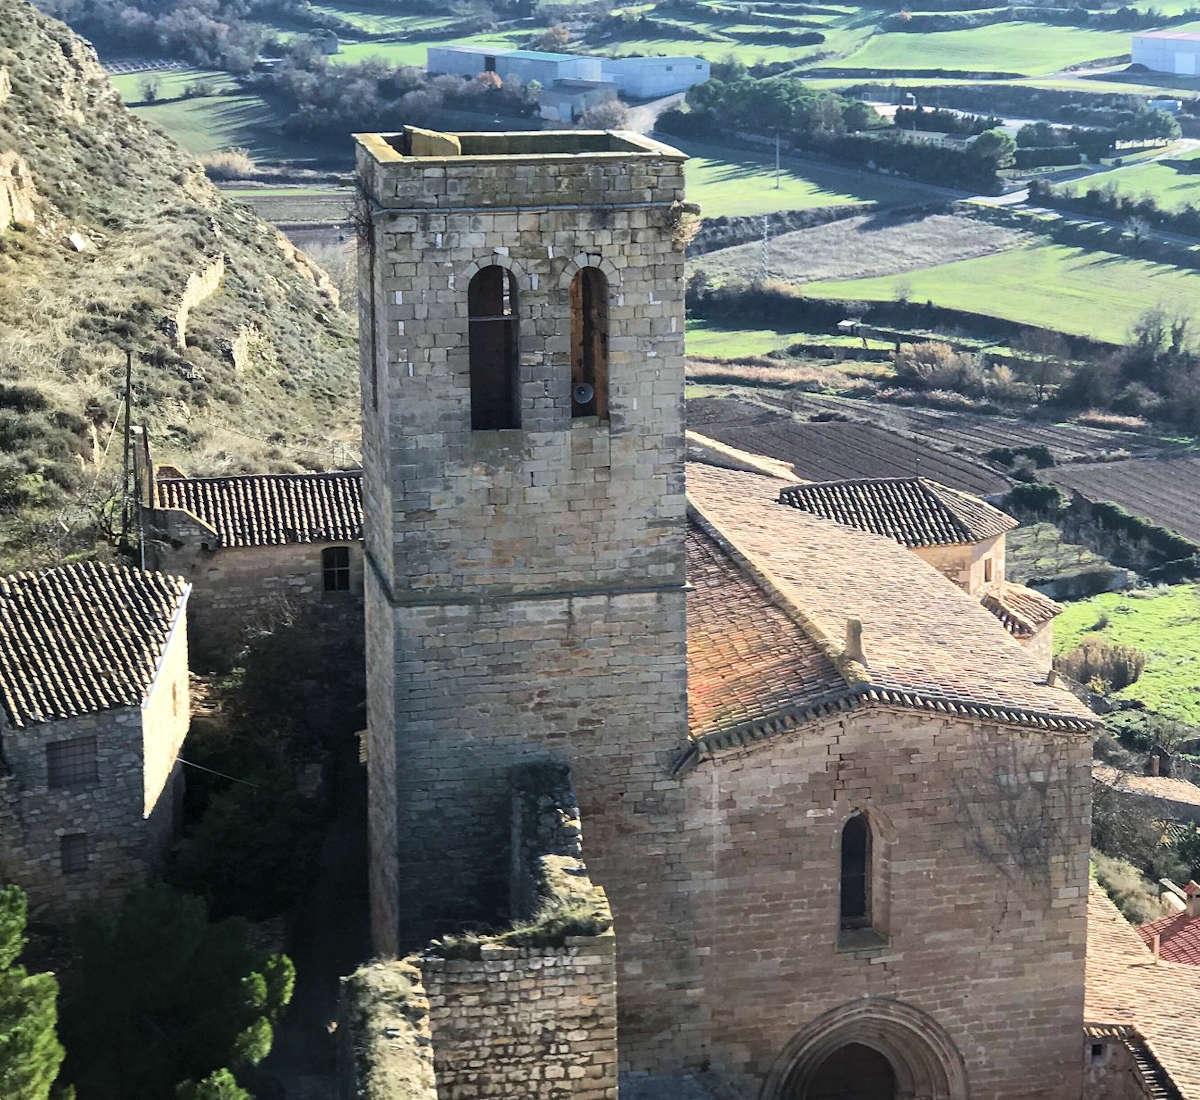 guimerá-un-bello-pueblo-medieval-en-lleida